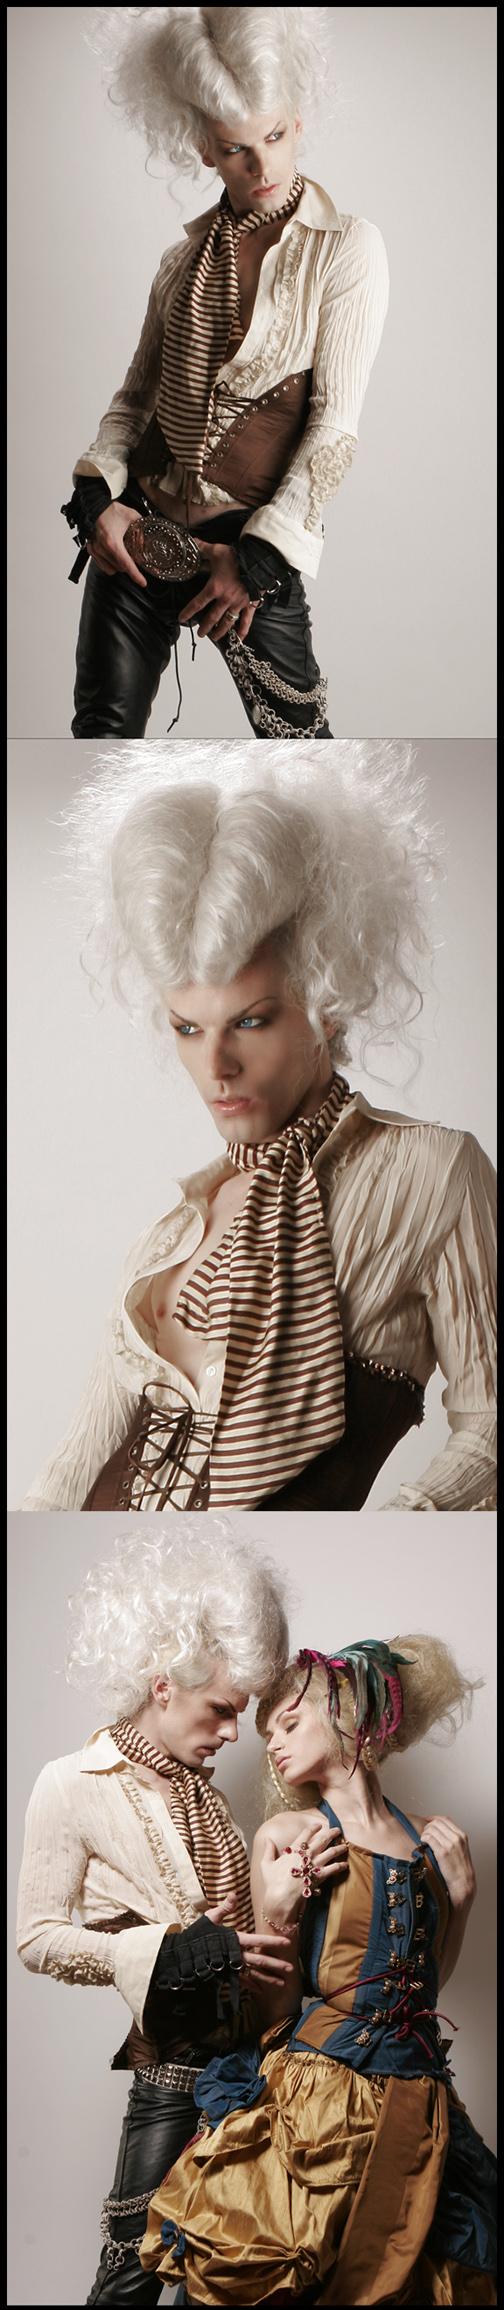 Sep 26, 2007 Mathew Cooke / Hair #185411 / Mua #269099 / Styling: Pegah Editorial Strip